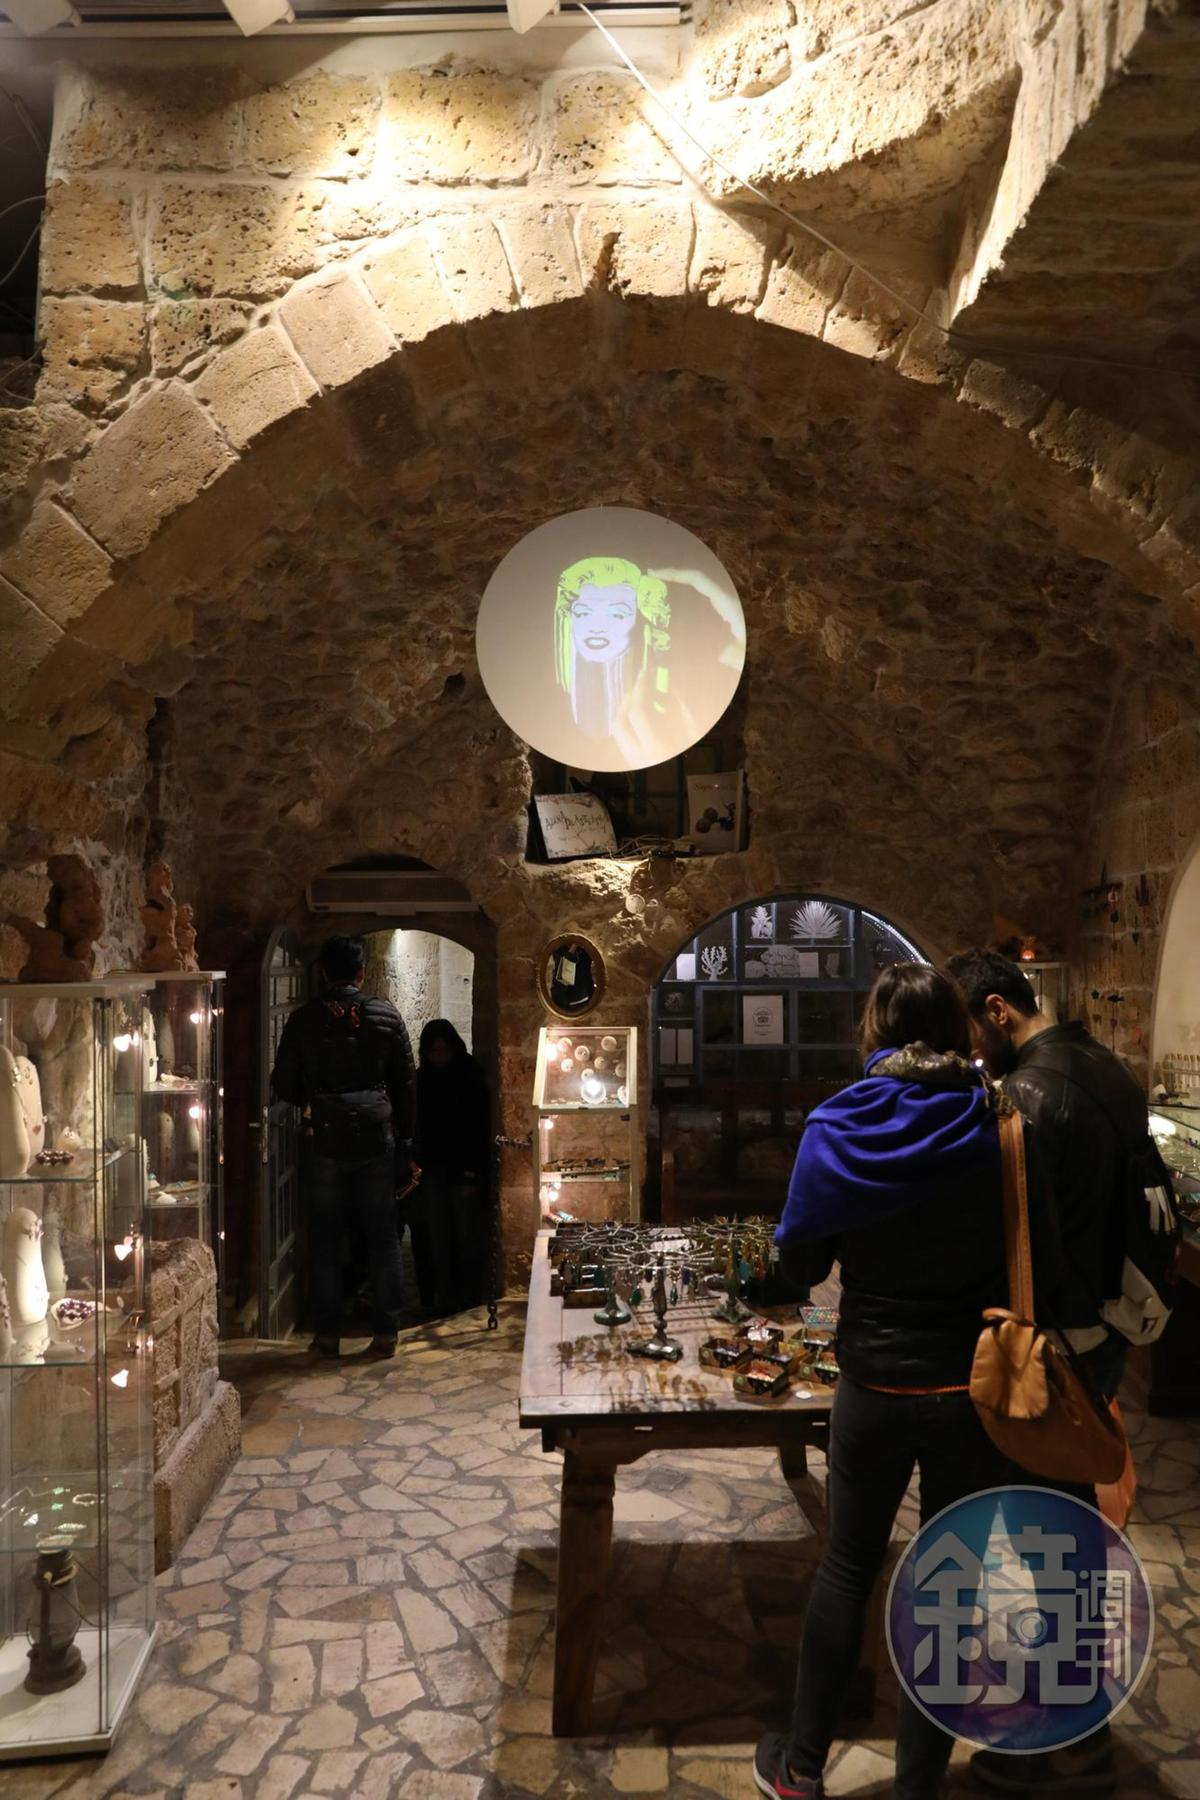 老城裡的首飾店,以瑪麗蓮夢露為創意,店裡還有她的投影。